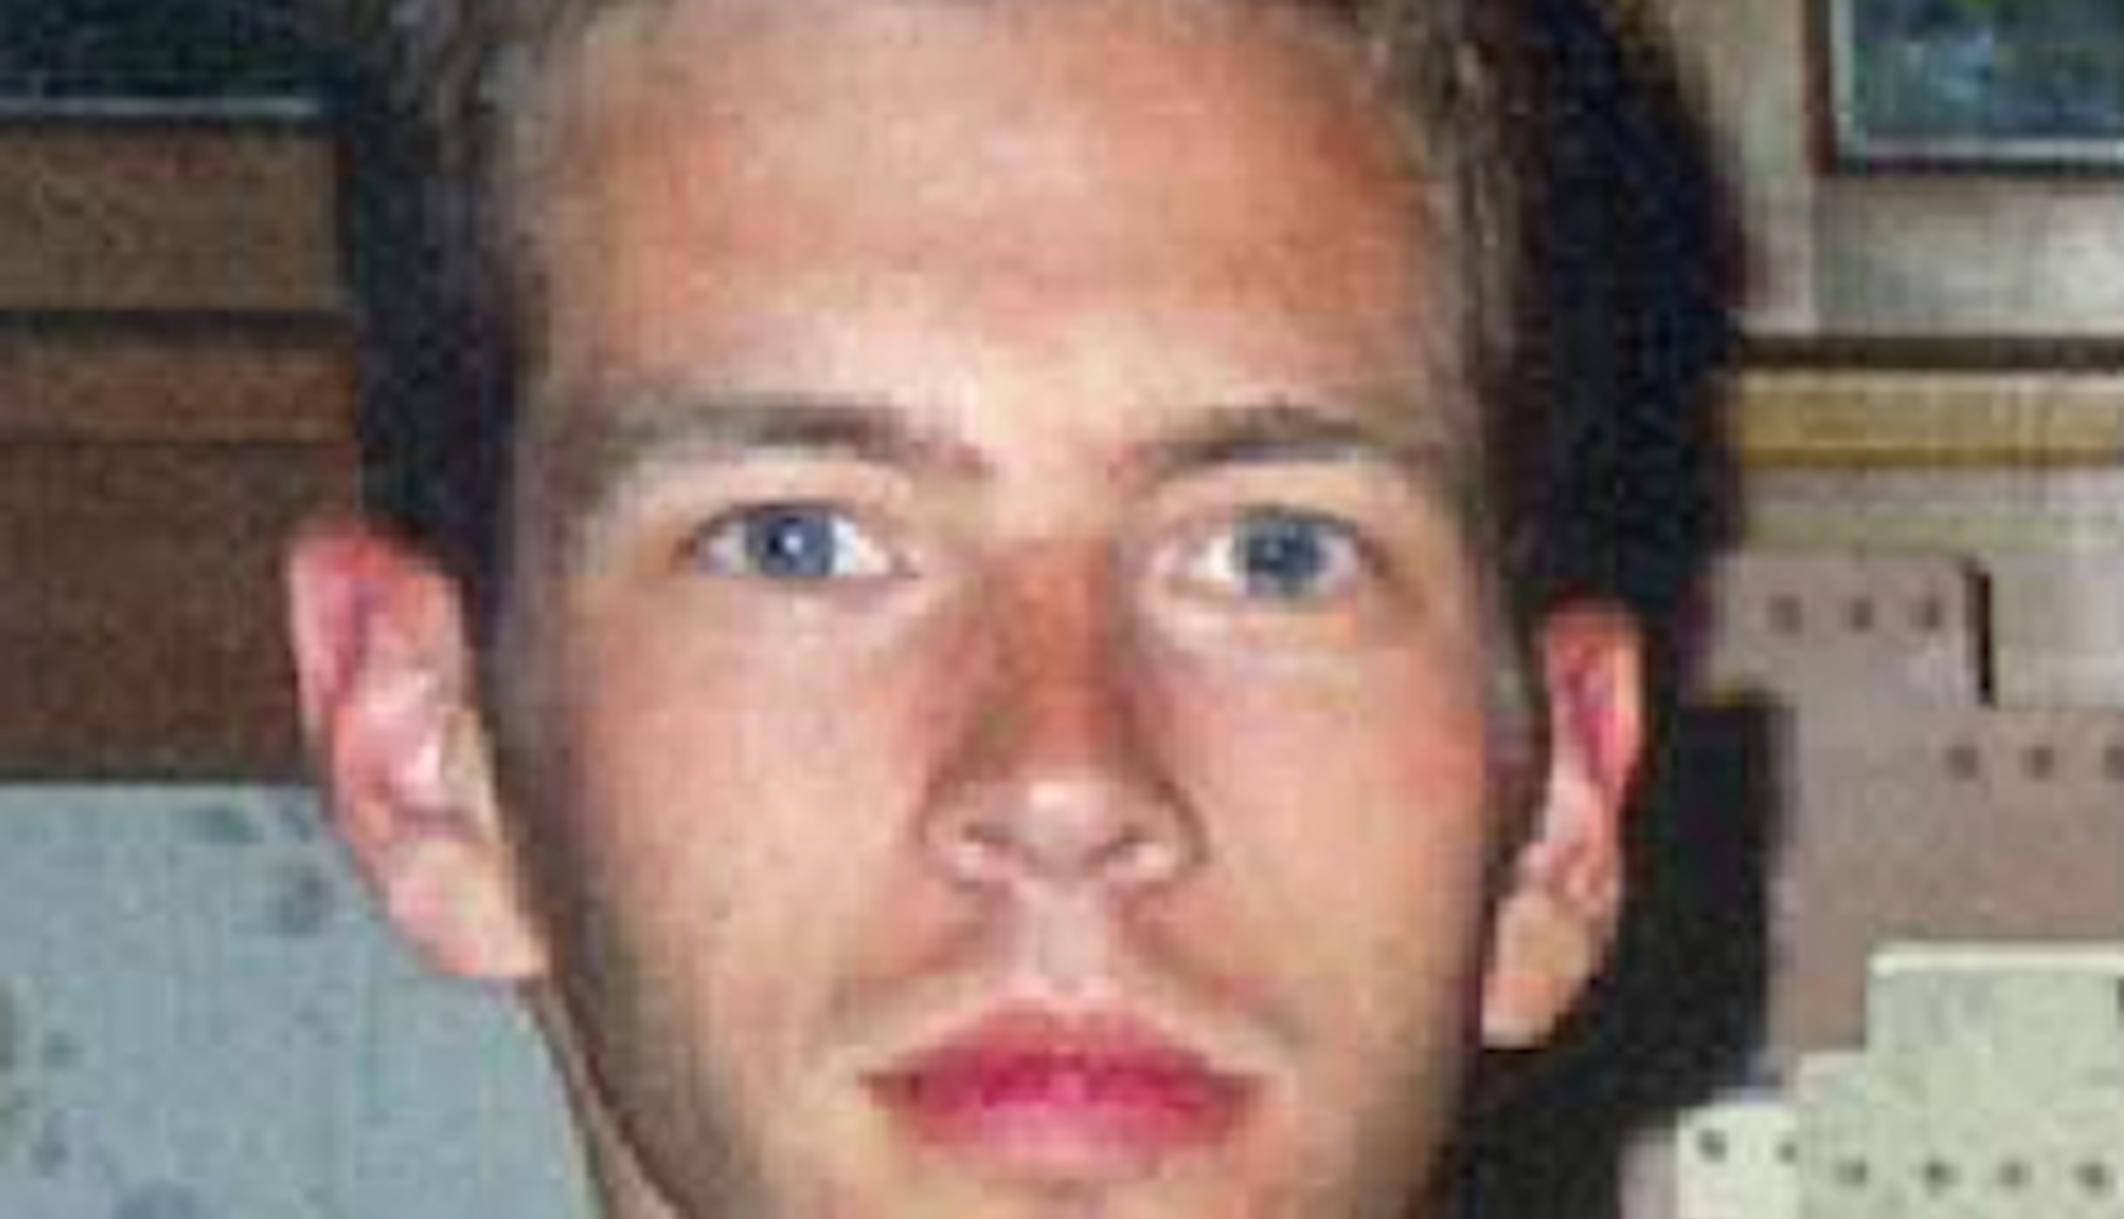 פתולוג פלילי מאמין כי הקורבן 'פרצוף סמיילי' לכאורה היה מת לפני שנכנס למים